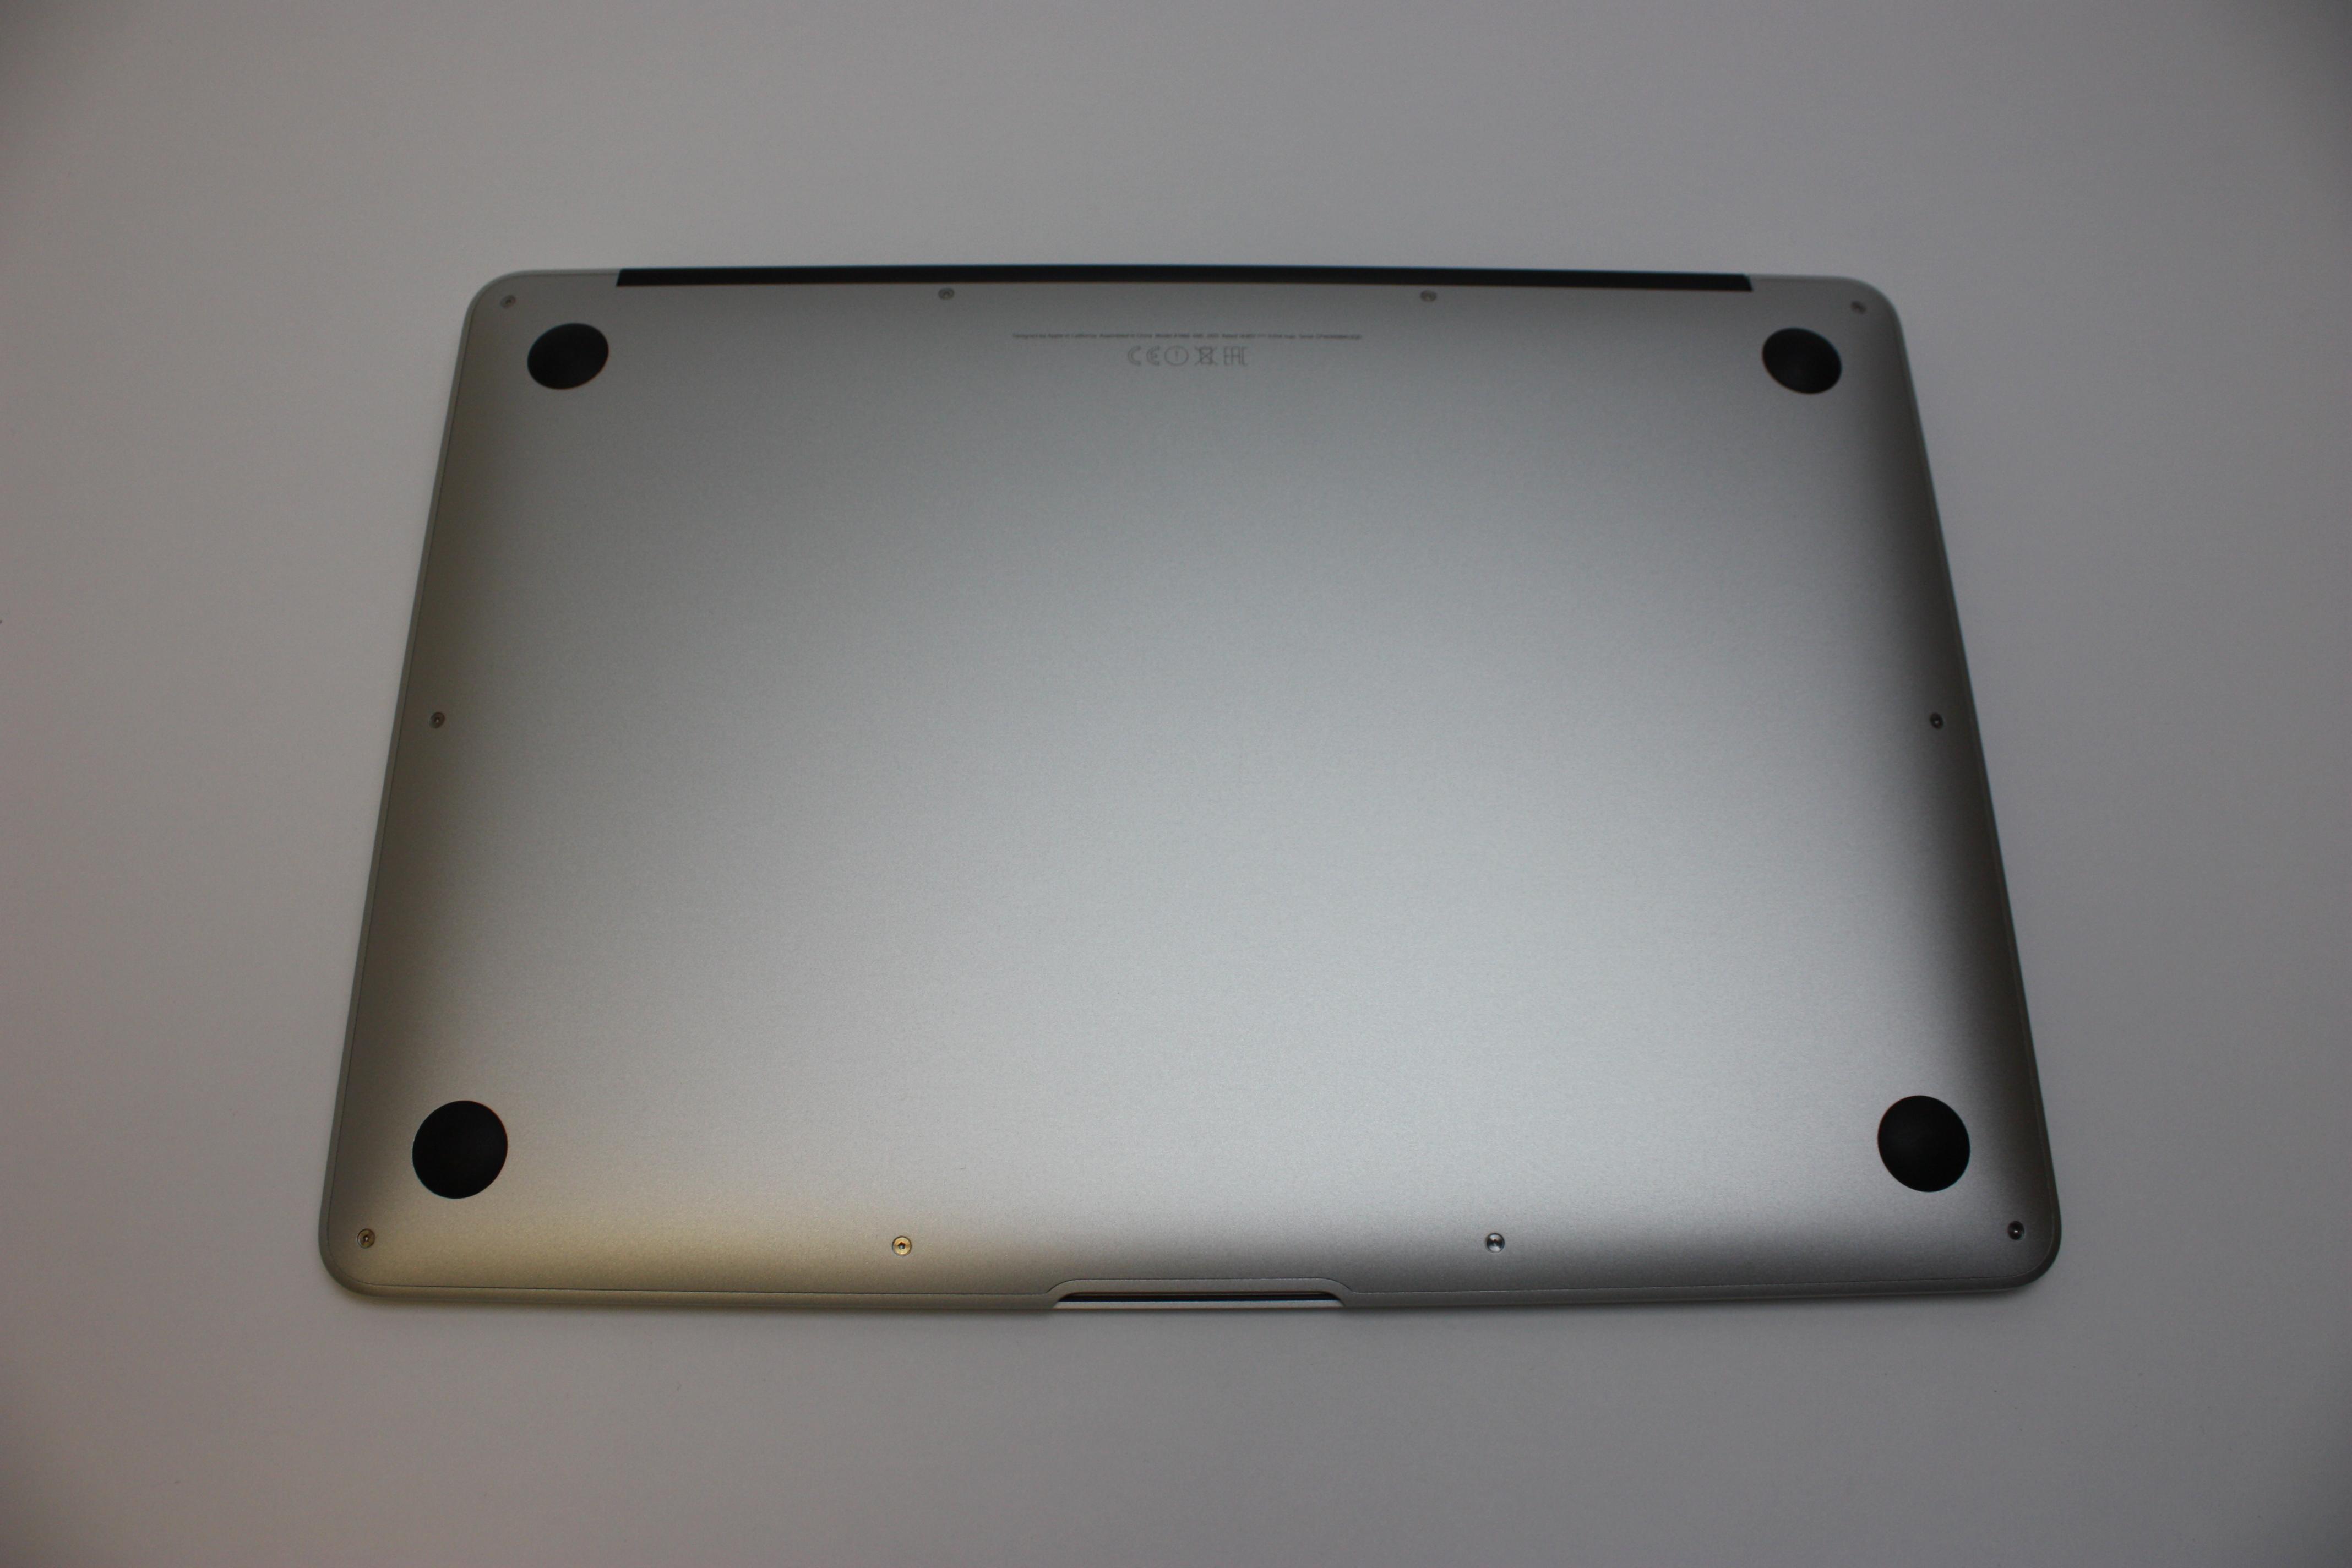 MacBook Air 13-inch, 1.6 GHz Core i5 (I5-5250U), 8 GB 1600 MHz DDR3, 128 GB Flash Storage, image 7